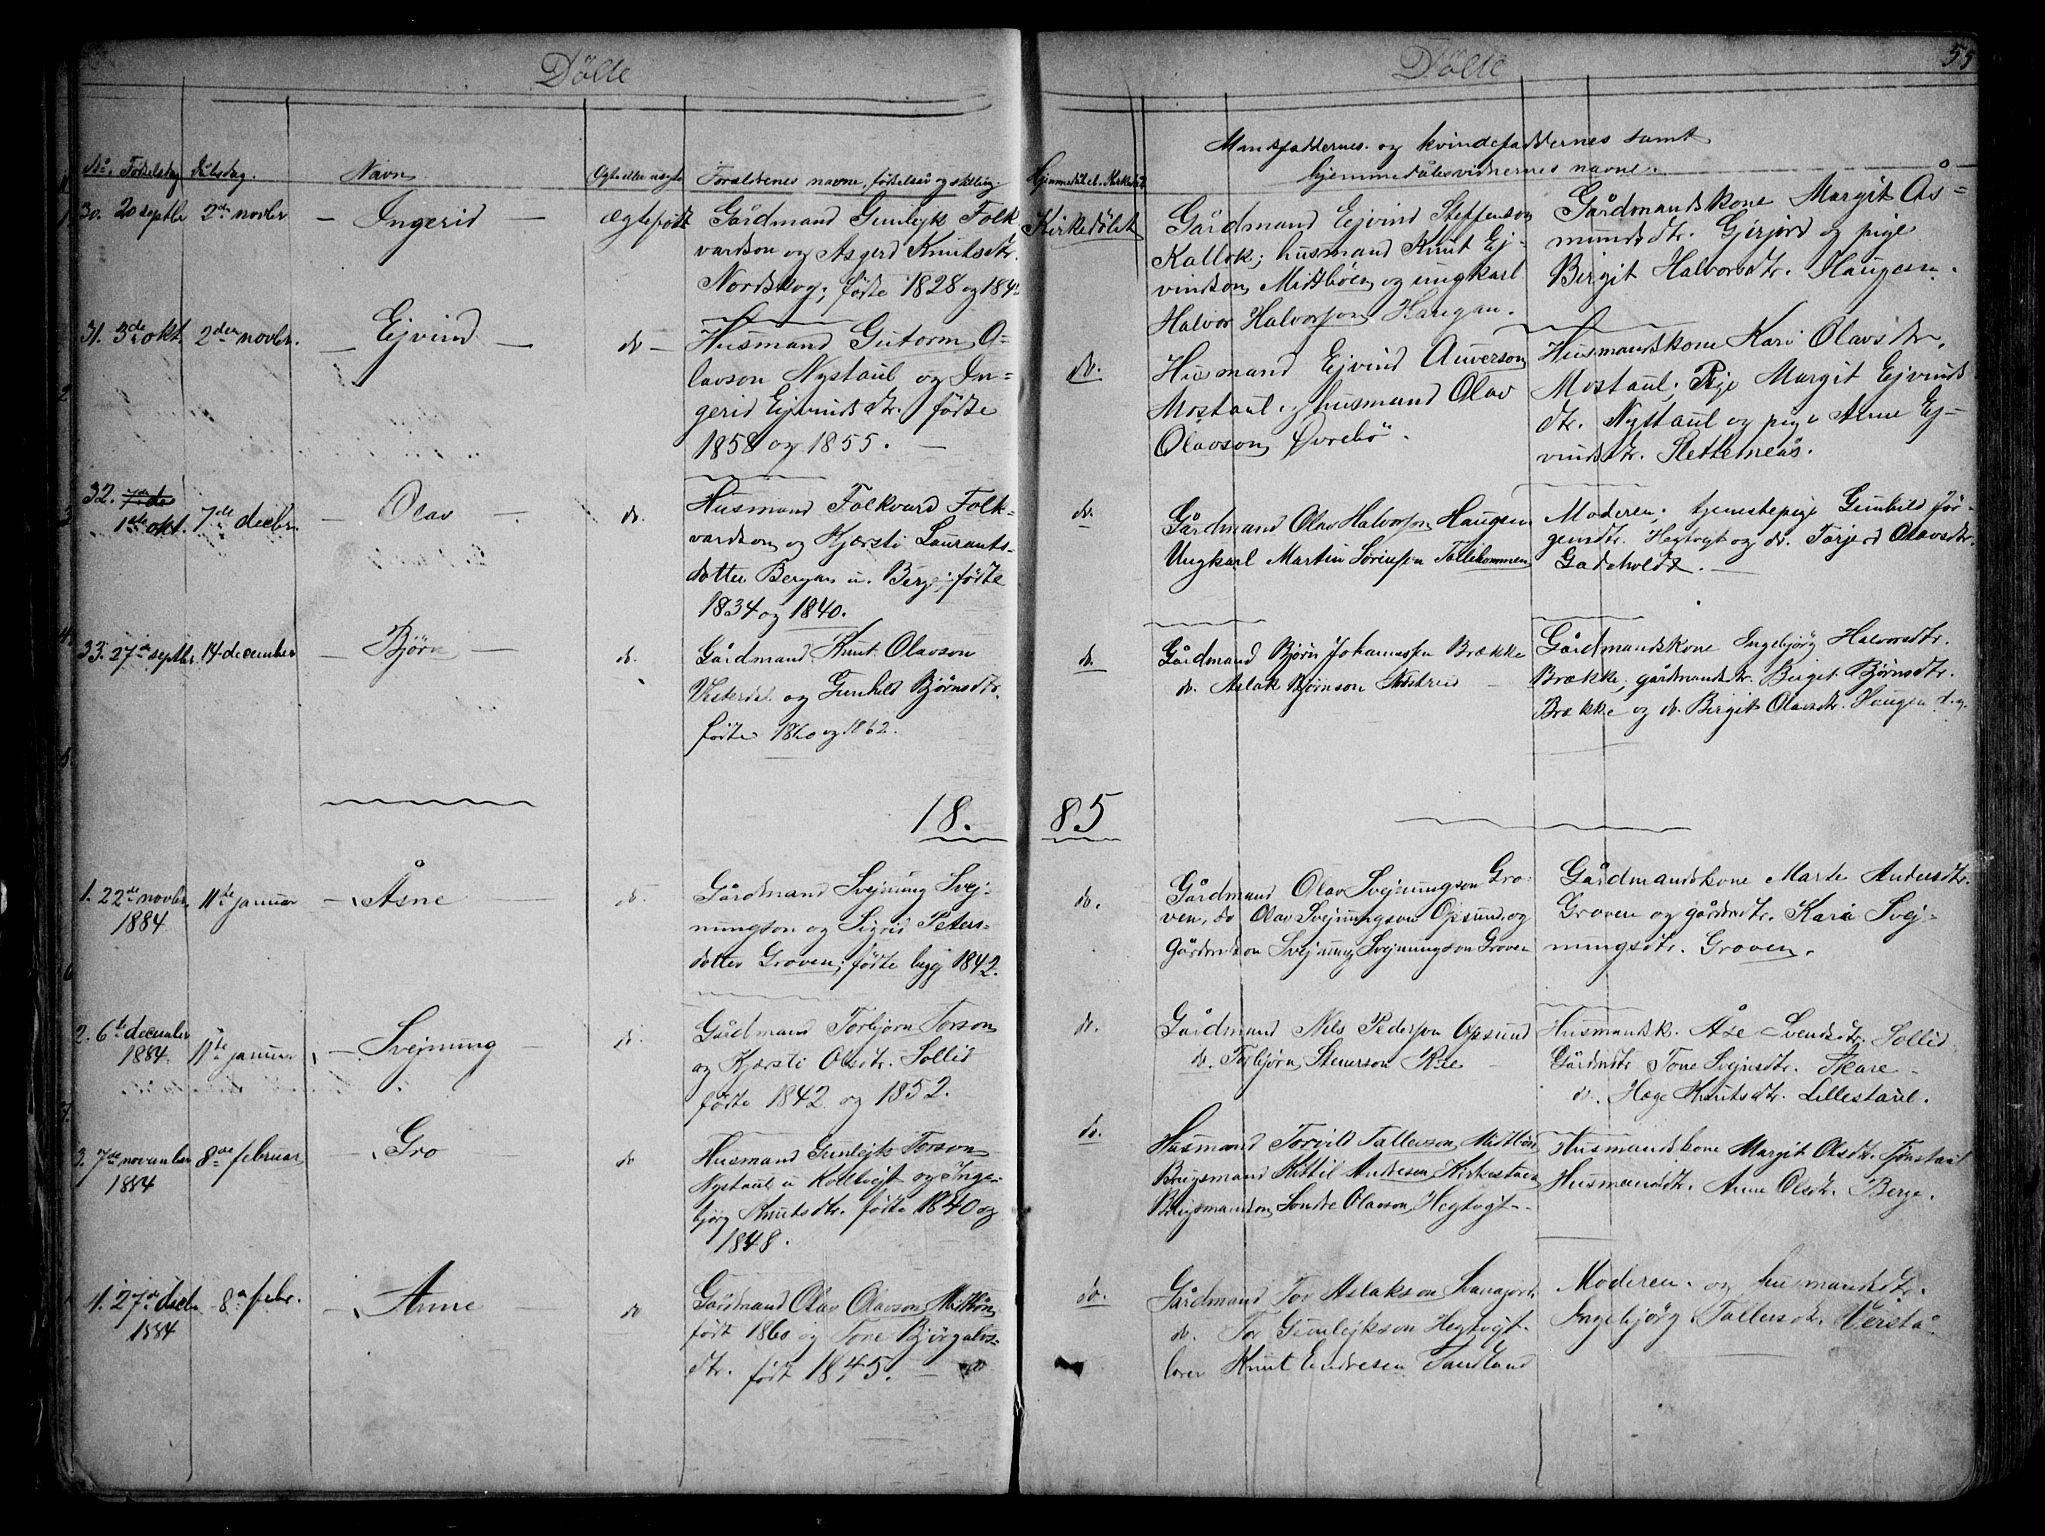 SAKO, Kviteseid kirkebøker, G/Gb/L0002: Klokkerbok nr. II 2, 1850-1892, s. 55